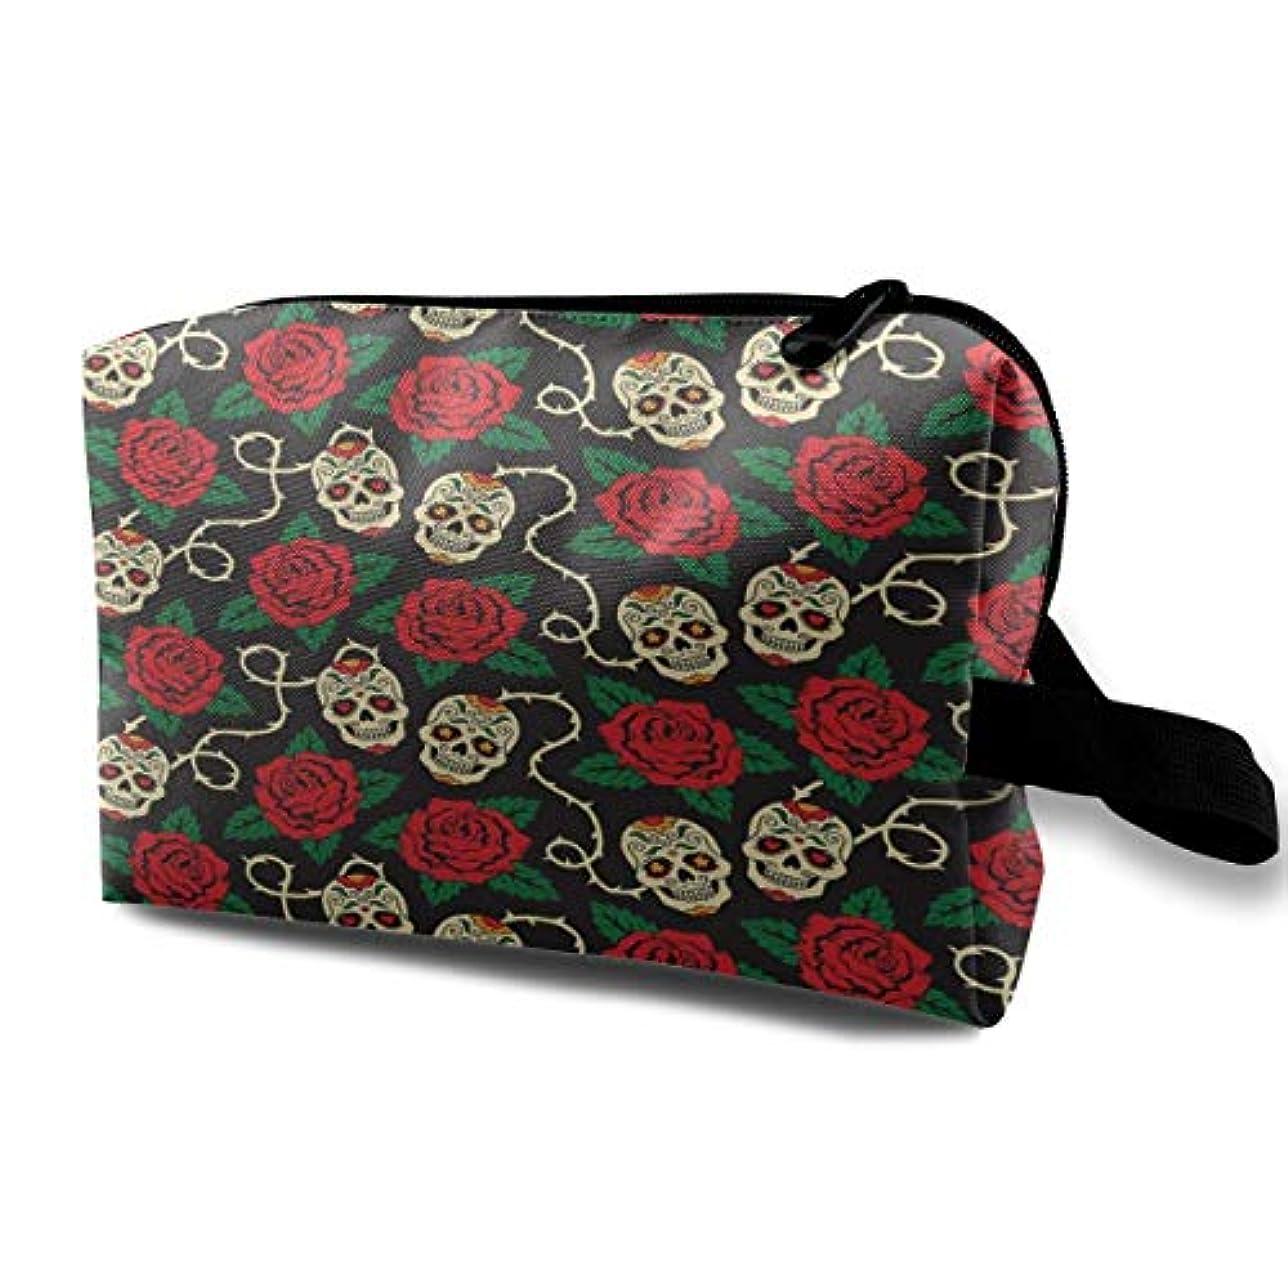 神学校民主党本当にAmazing Rose Skull 収納ポーチ 化粧ポーチ 大容量 軽量 耐久性 ハンドル付持ち運び便利。入れ 自宅?出張?旅行?アウトドア撮影などに対応。メンズ レディース トラベルグッズ